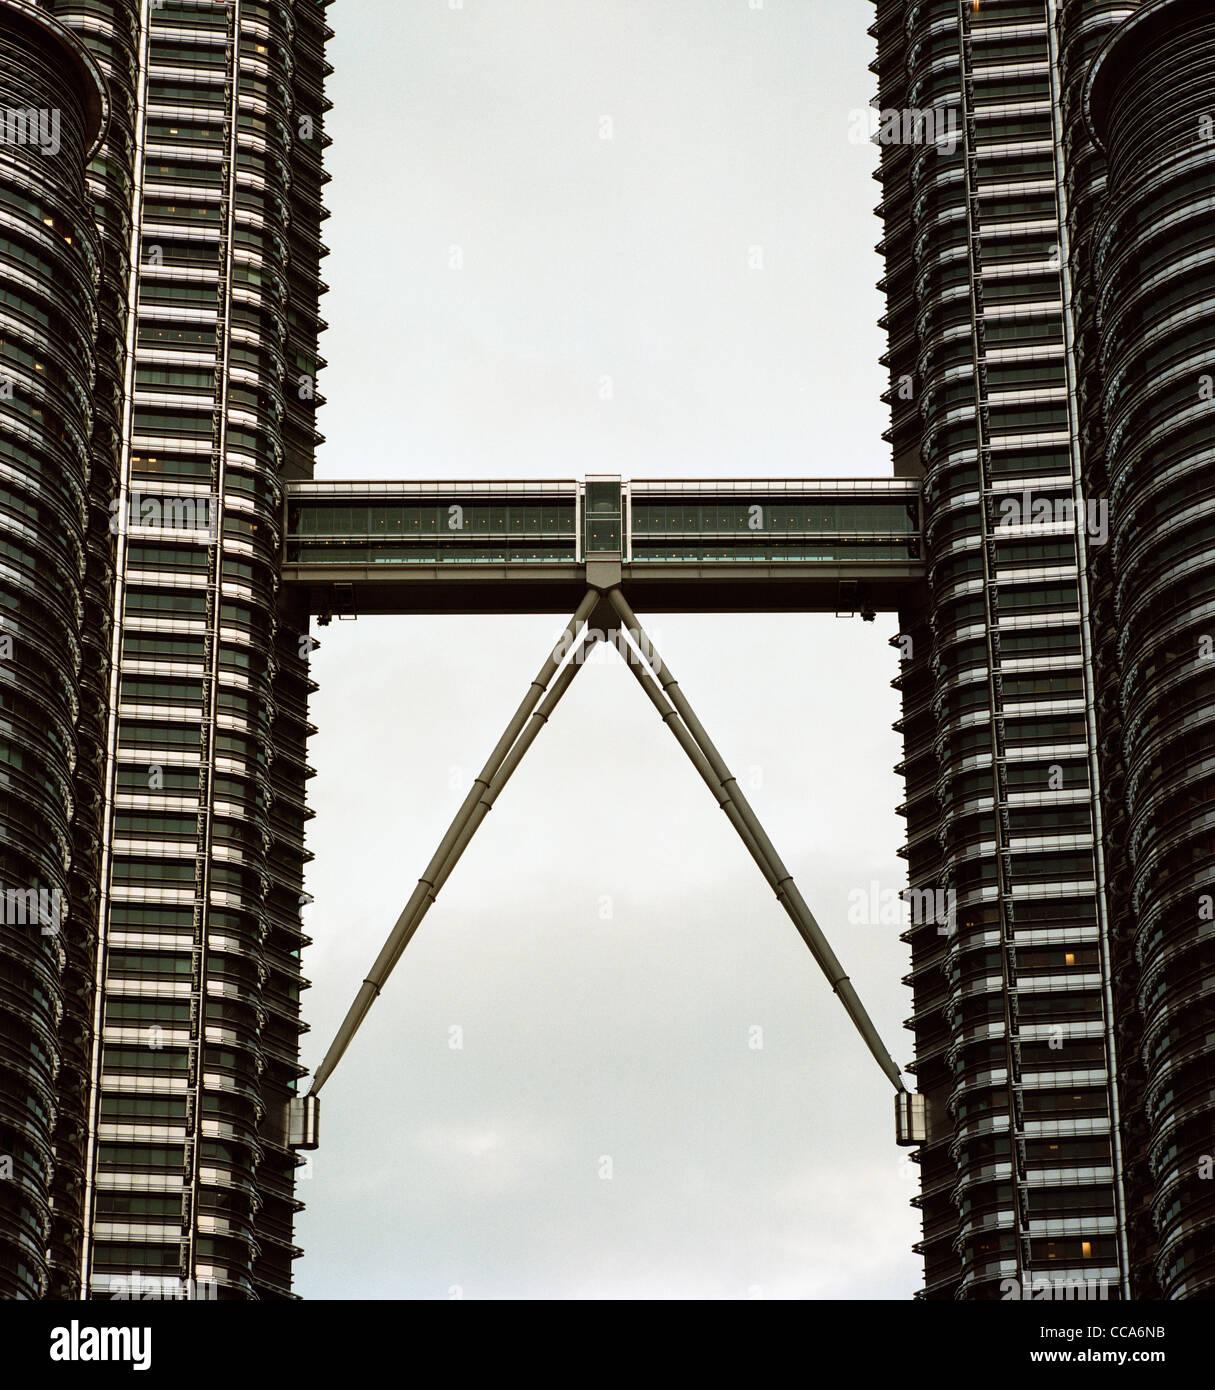 Modern Architecture. The Petronas Twin Towers Skybridge in Kuala Lumpur in Malaysia in Southeast Asia. - Stock Image